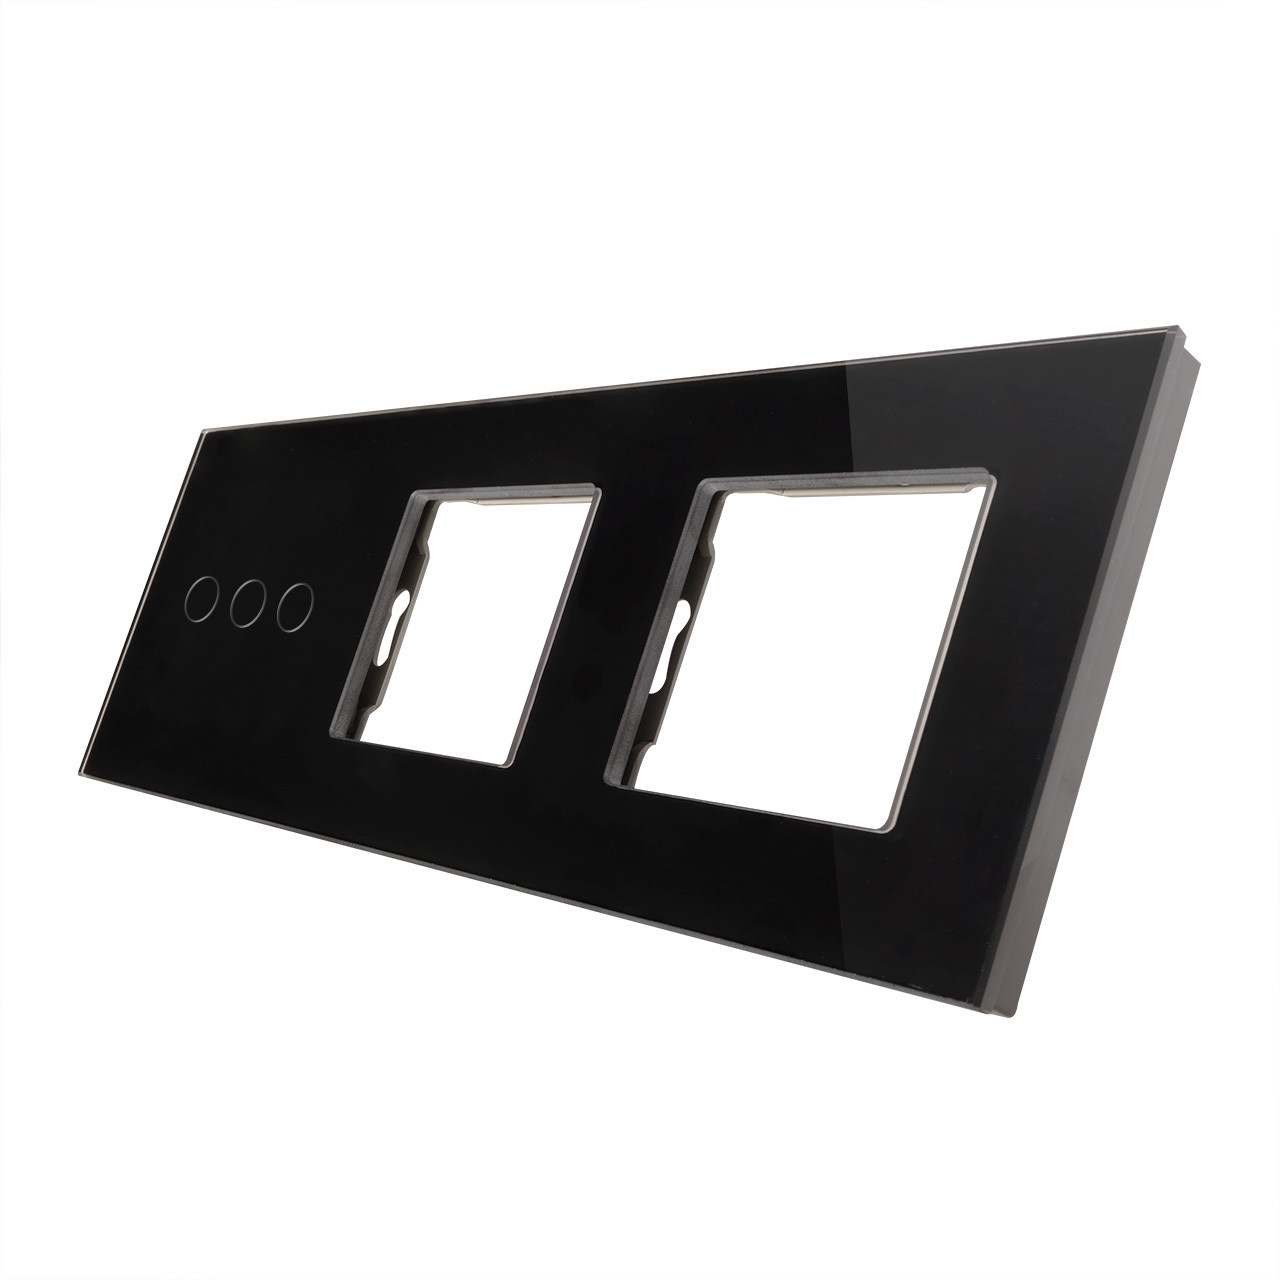 Rama sticla pentru intrerupator cu touch triplu + modul priza dublu, Smart Home